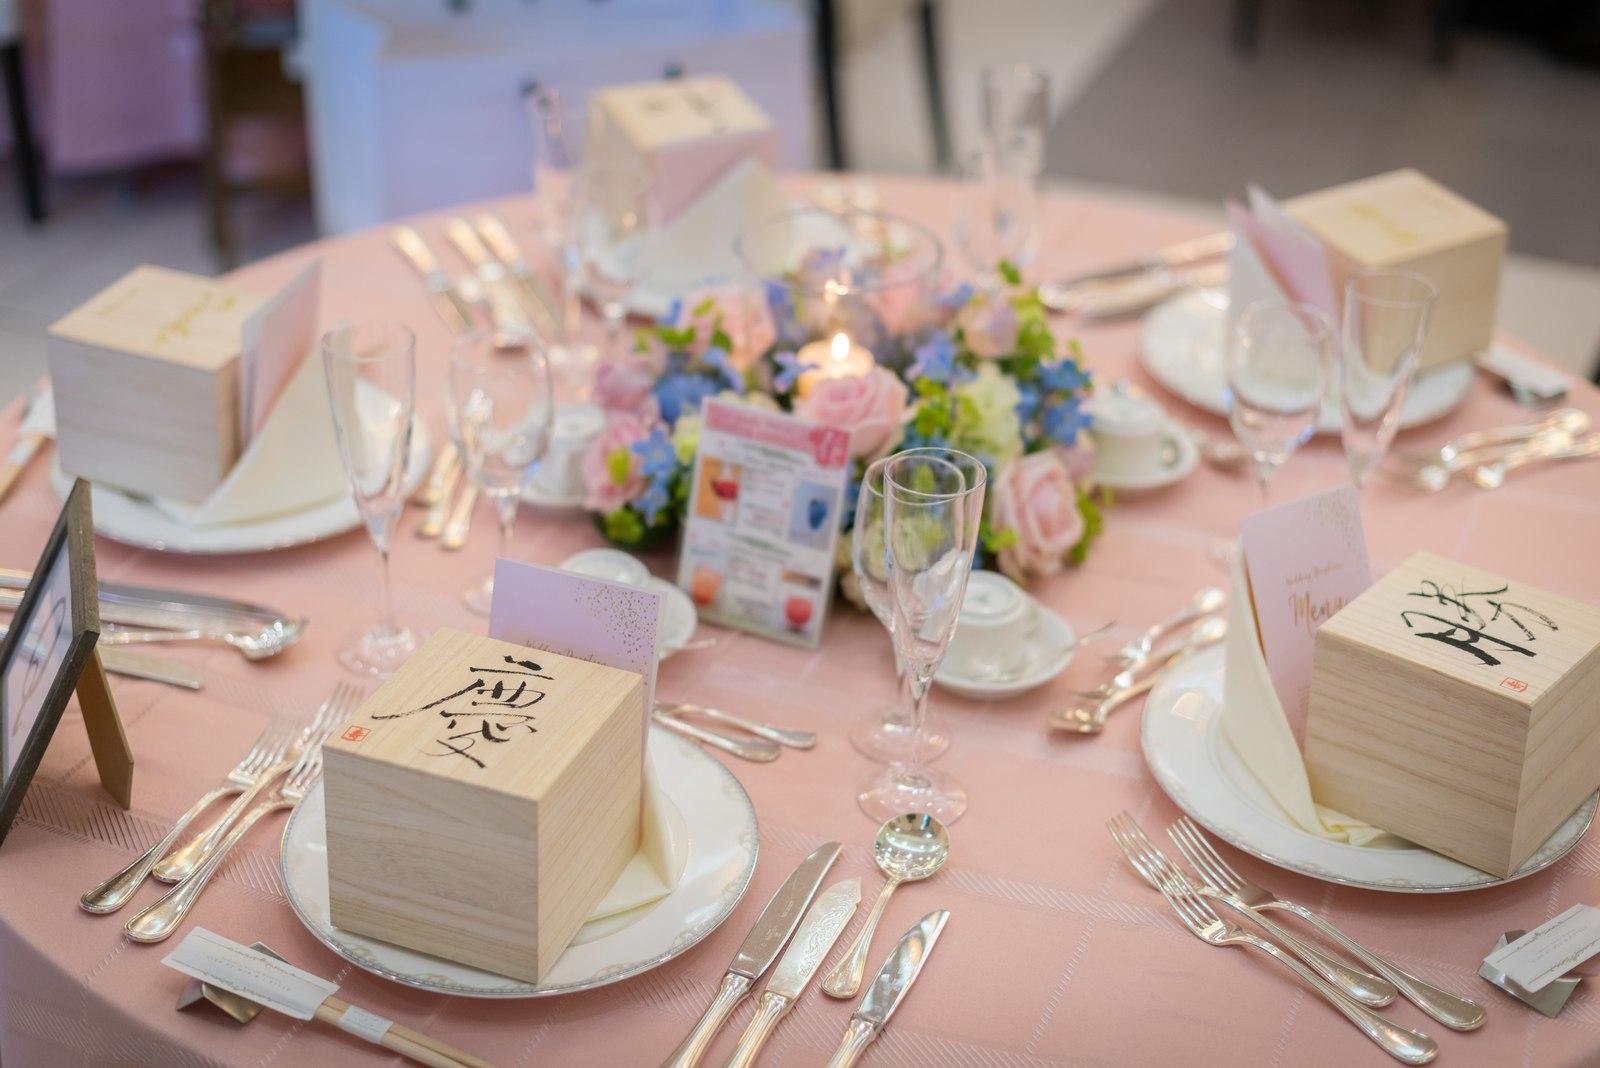 香川の結婚式場シェルエメール&アイスタイル テーブルコーディネート